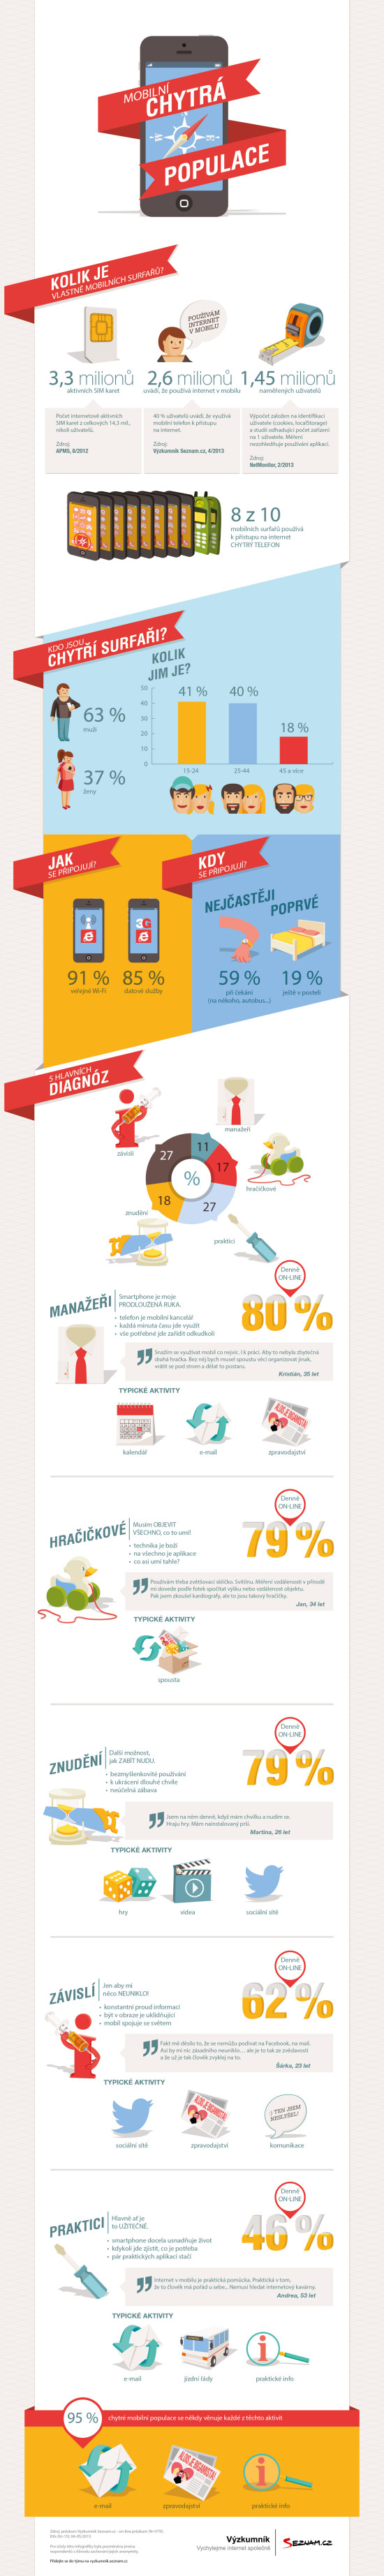 Infografika od seznamu - uživatelé mobilního internetu